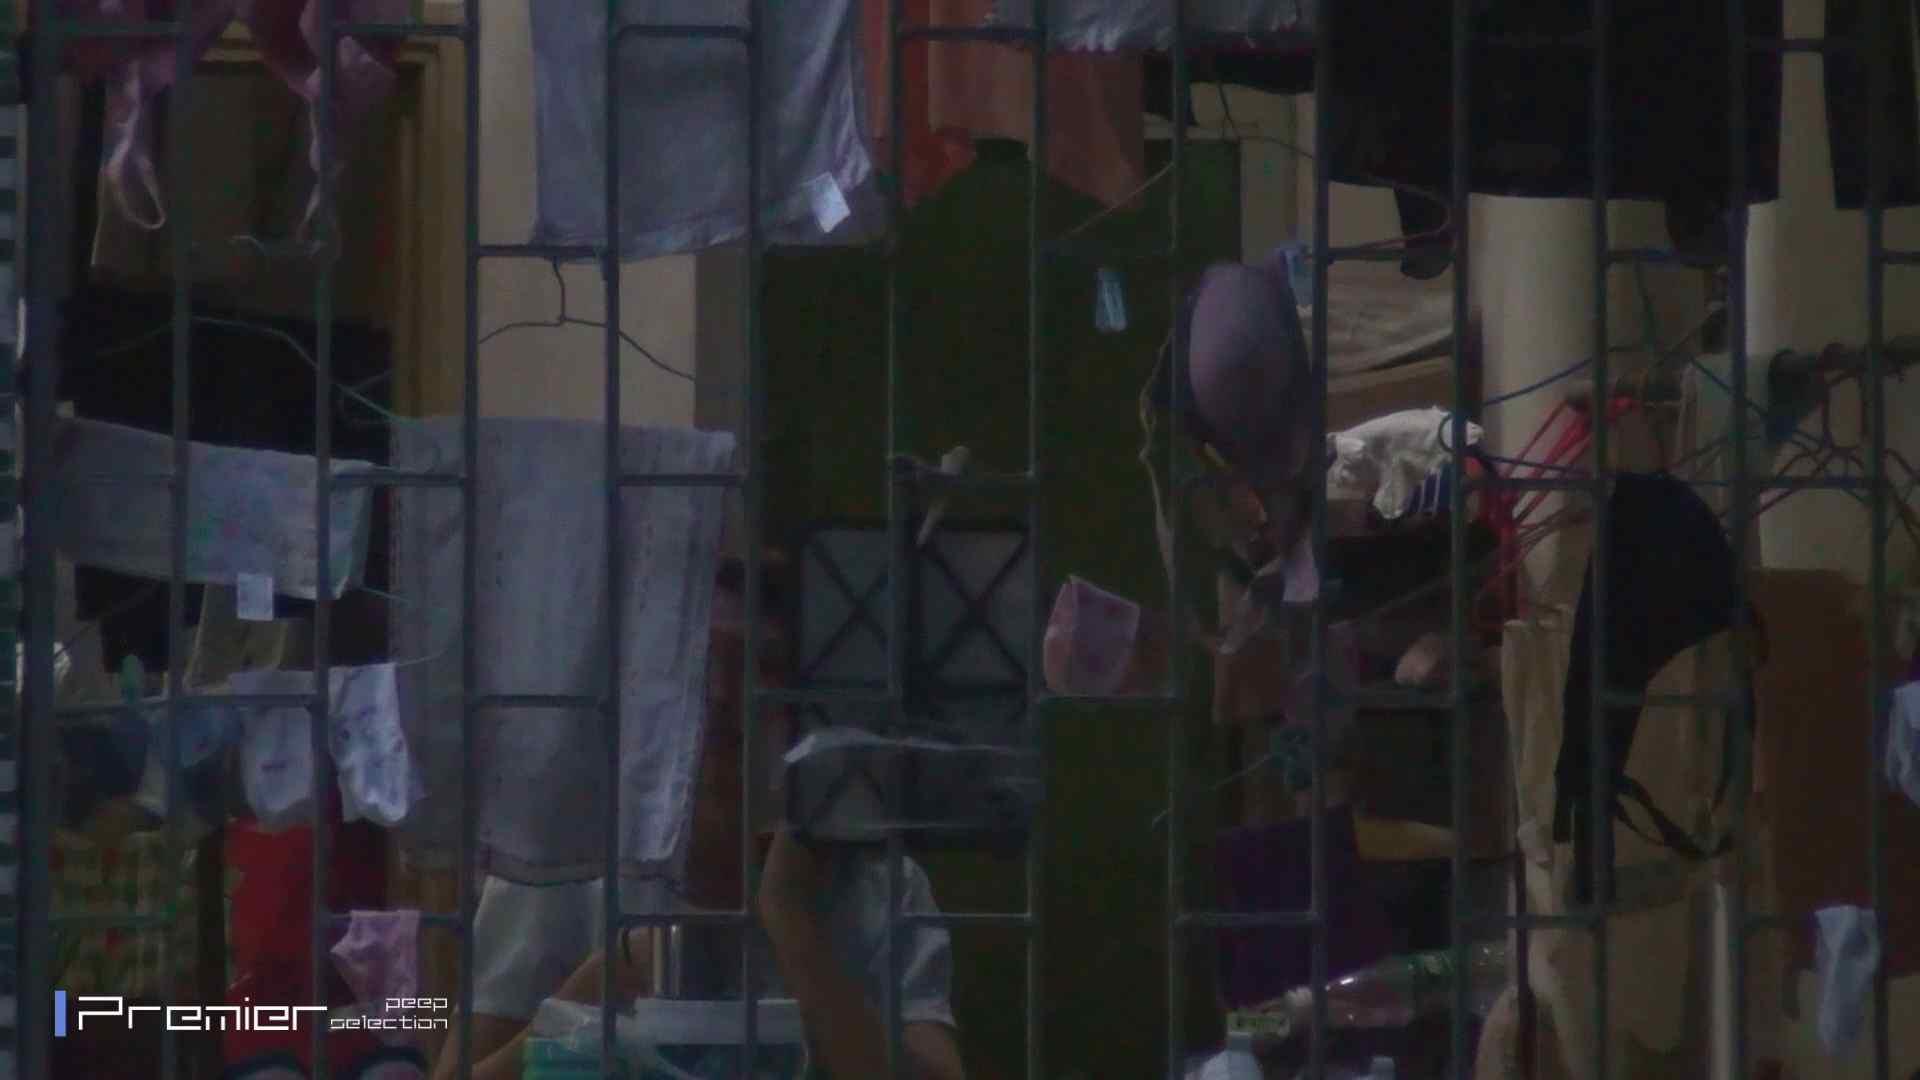 激撮り美女の洗顔シーン Vol.05 美女の痴態に密着! 0  77連発 63